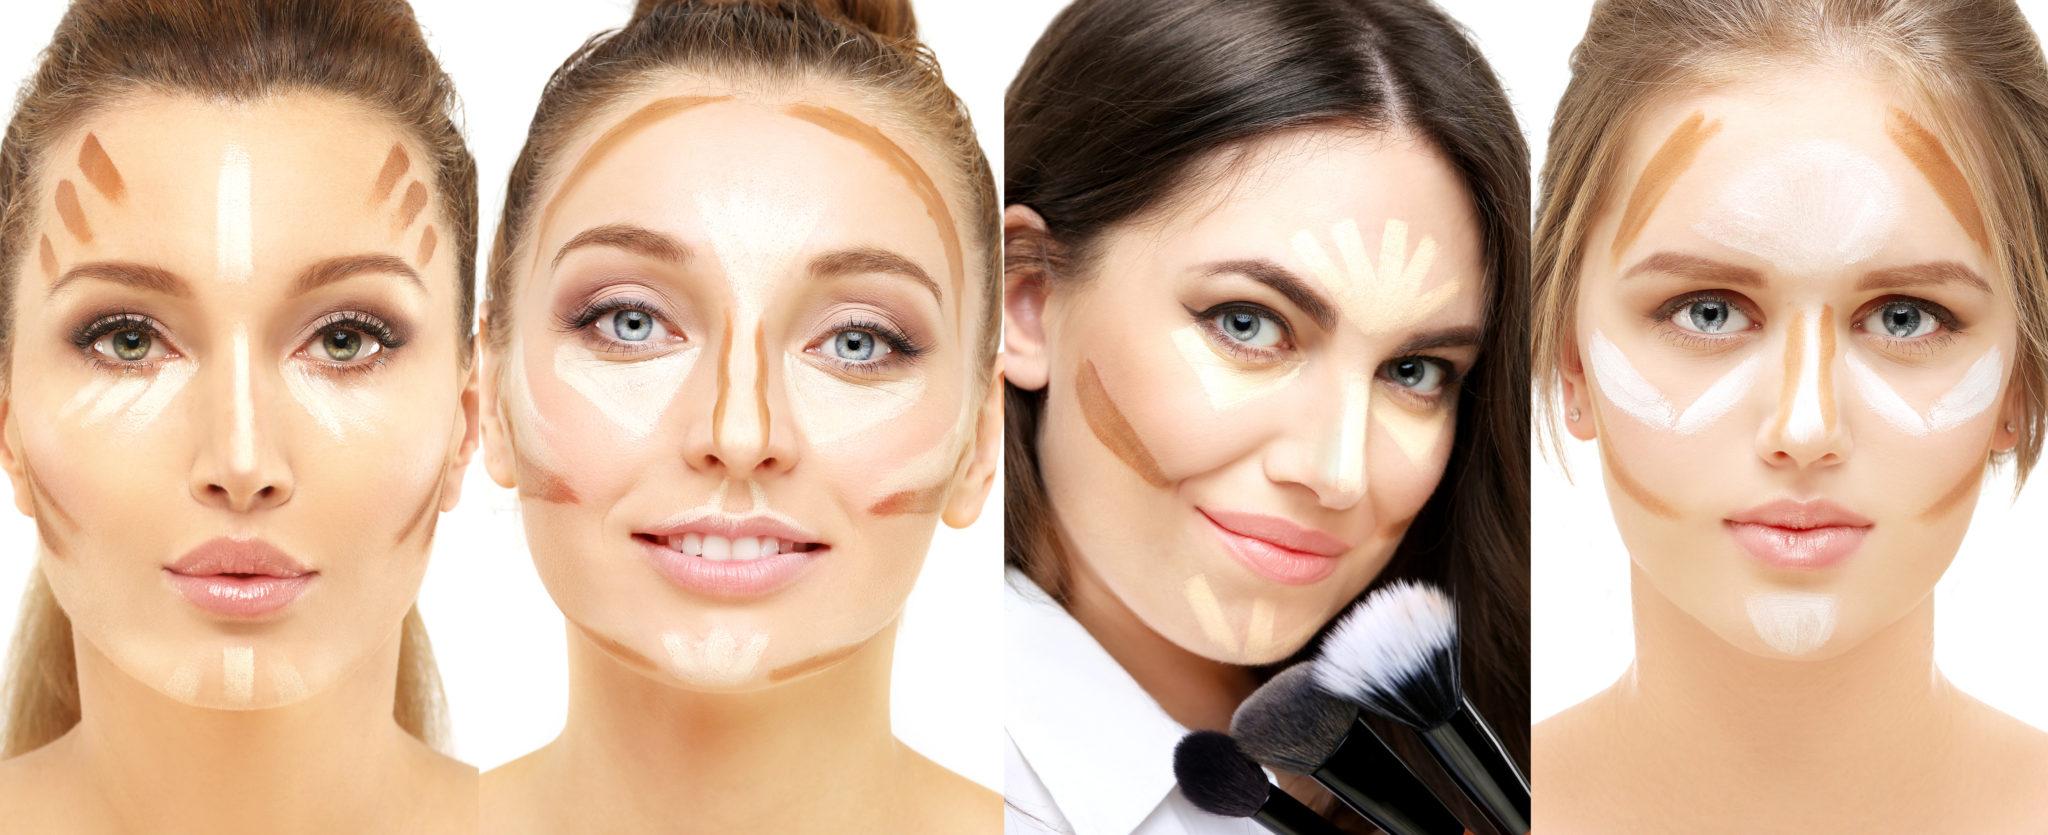 różne sposoby konturowania zależnie od kształtu twarzy